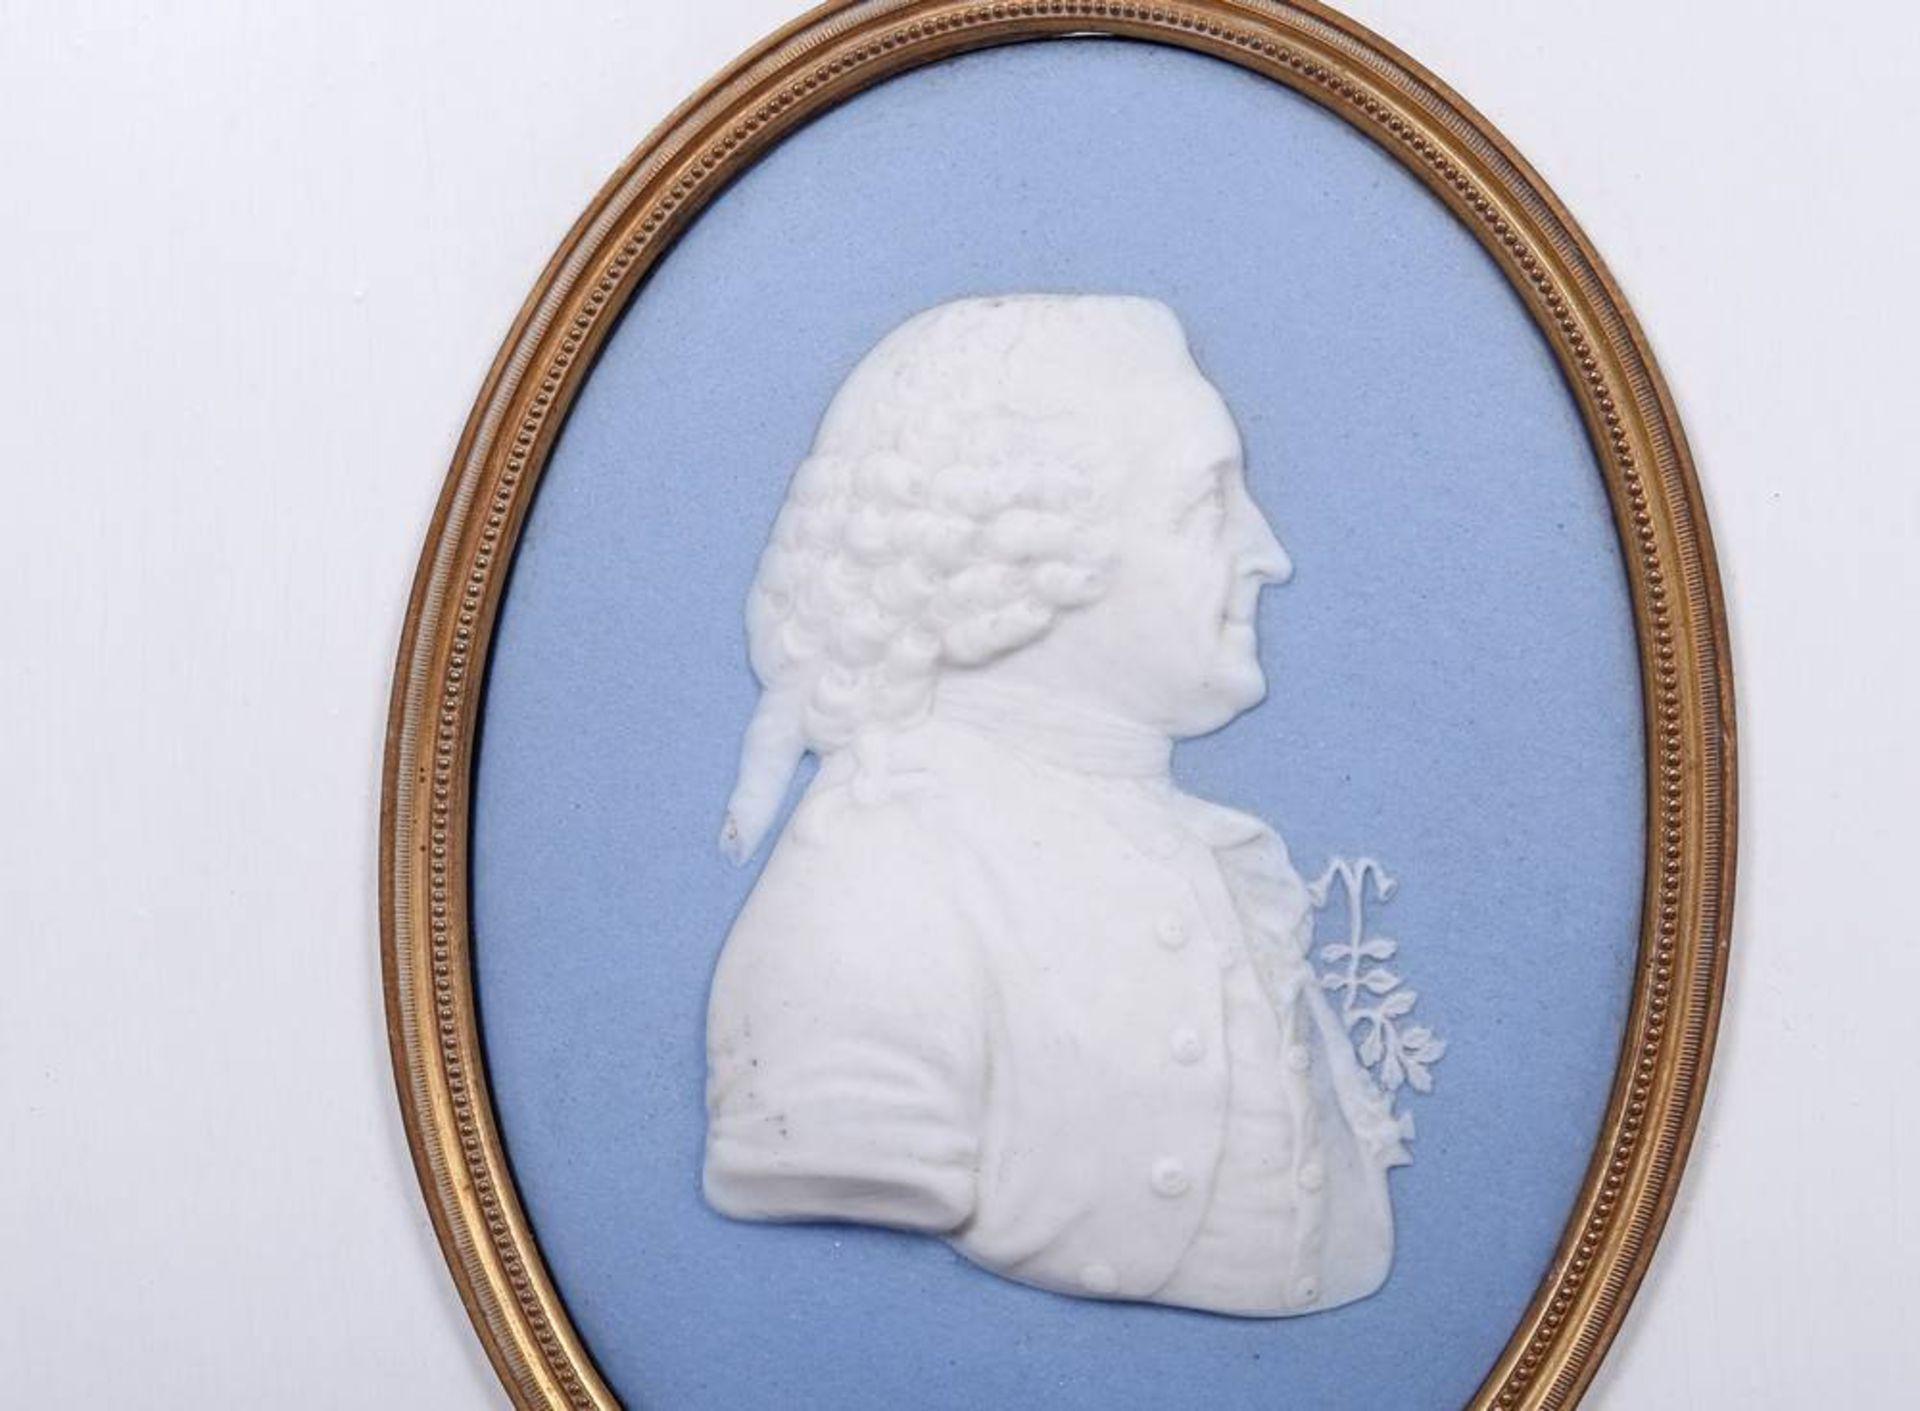 Portrait-Medaillon von Carl von Linné (1707, Råshult - 1778, Uppsala), Wedgwood, um 1800 sog. - Bild 2 aus 3